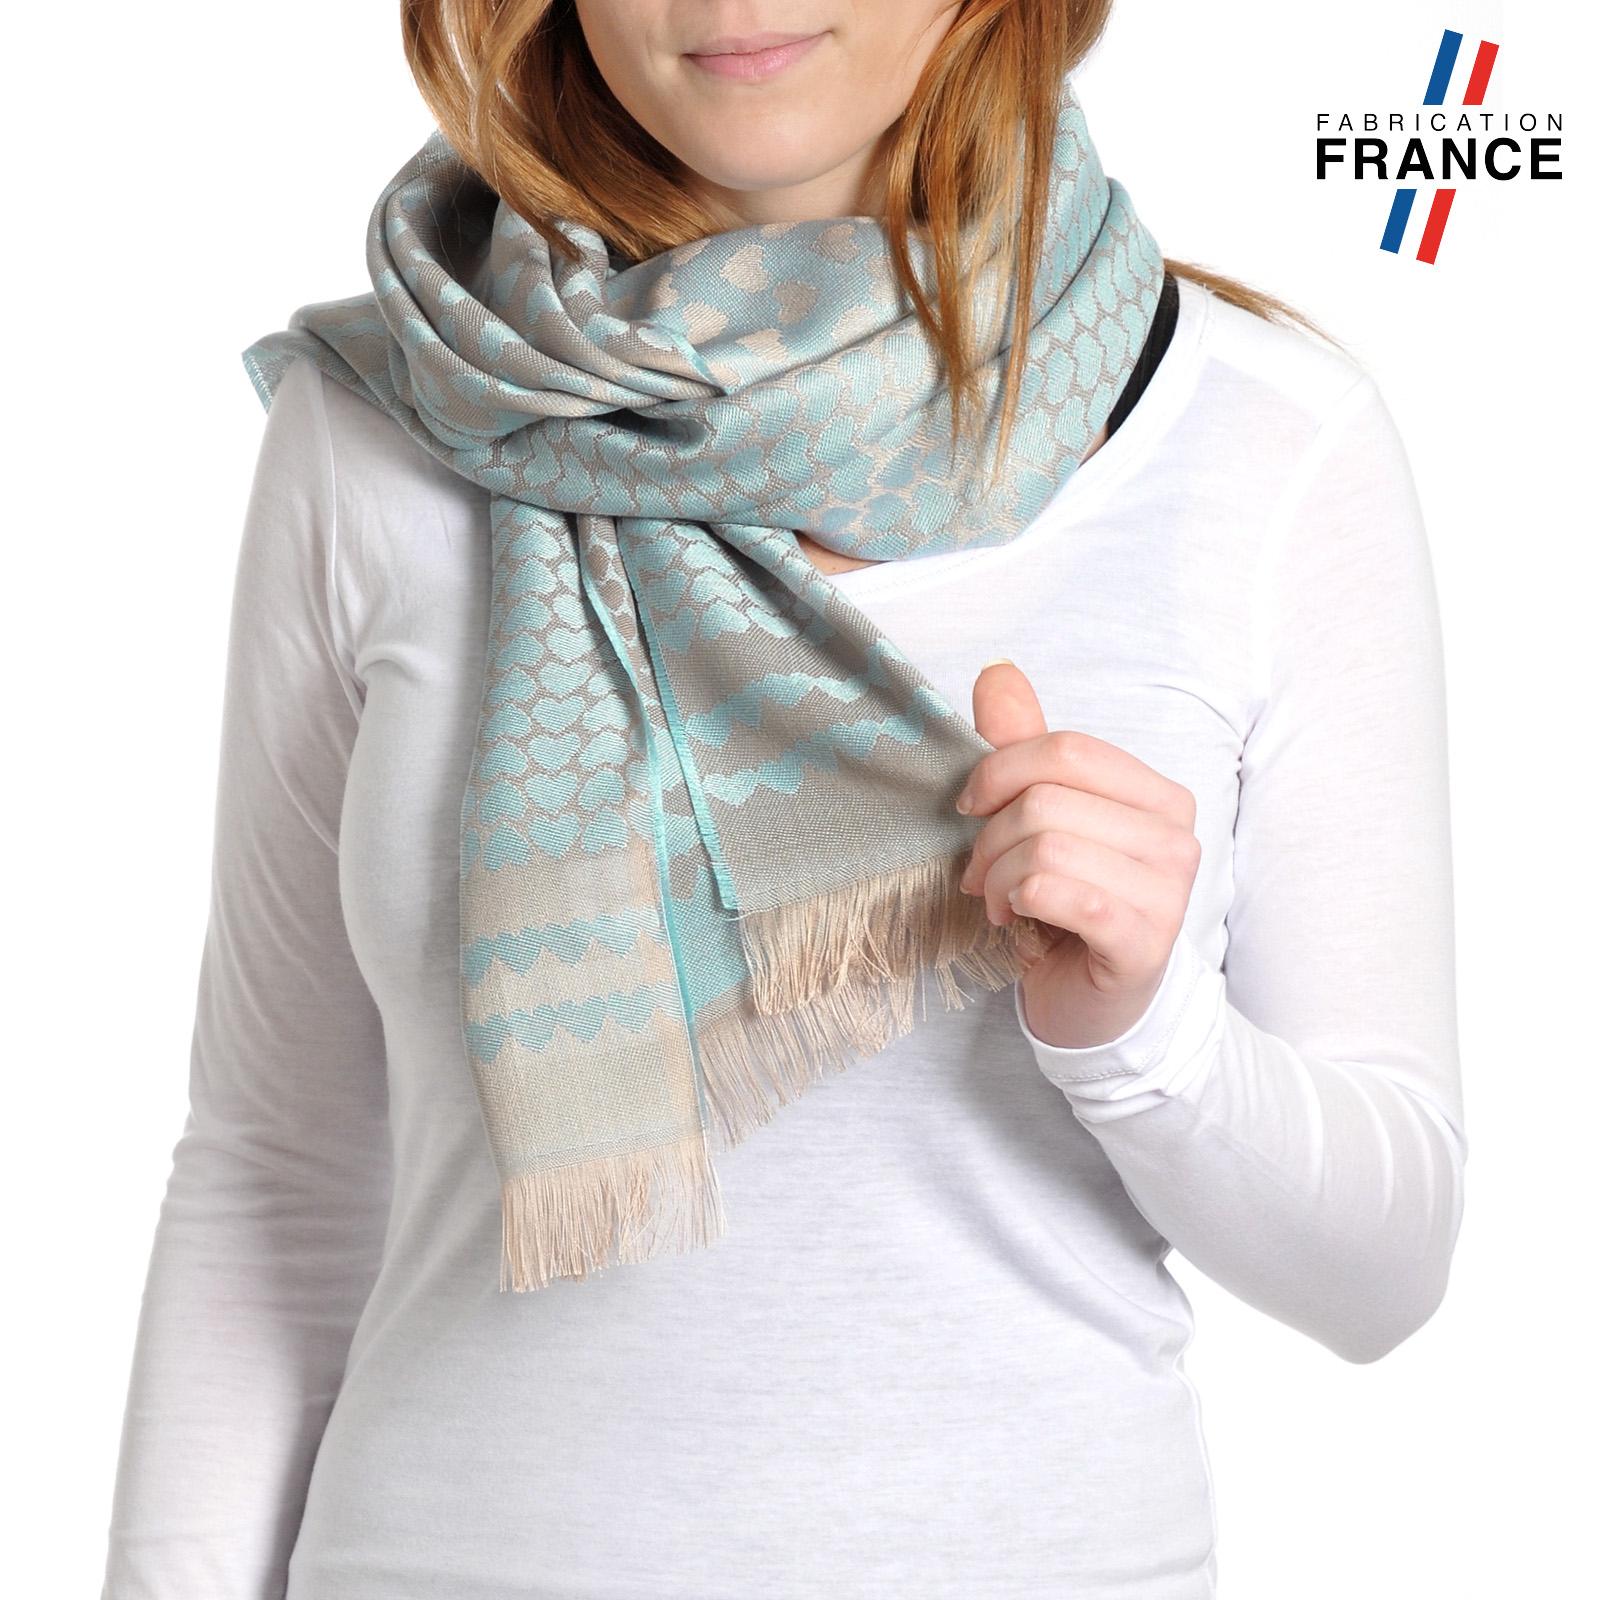 AT-04264-VF16-T-LB_FR-echarpe-qualicoq-motifs-coeurs-bleu-ciel